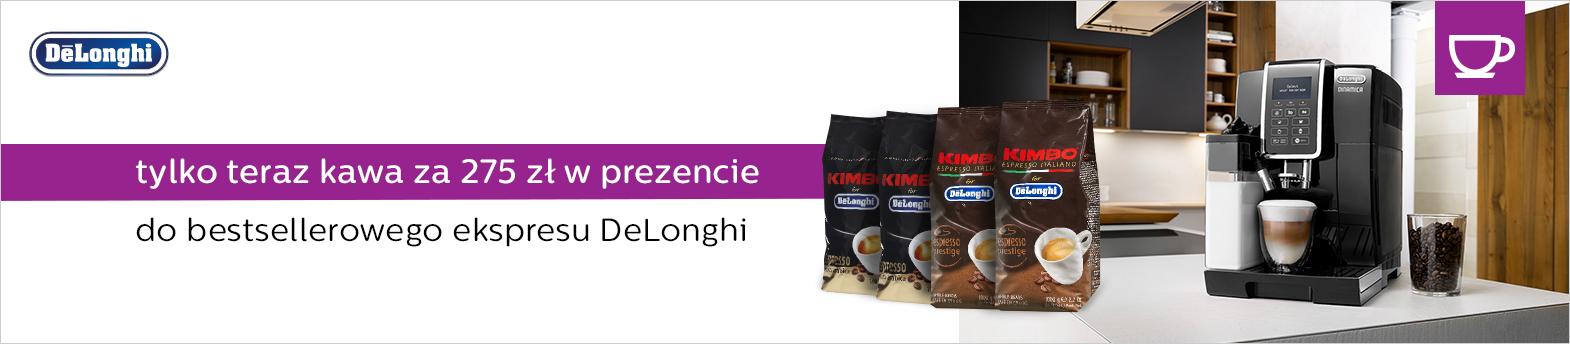 ekspres delonghi promocja